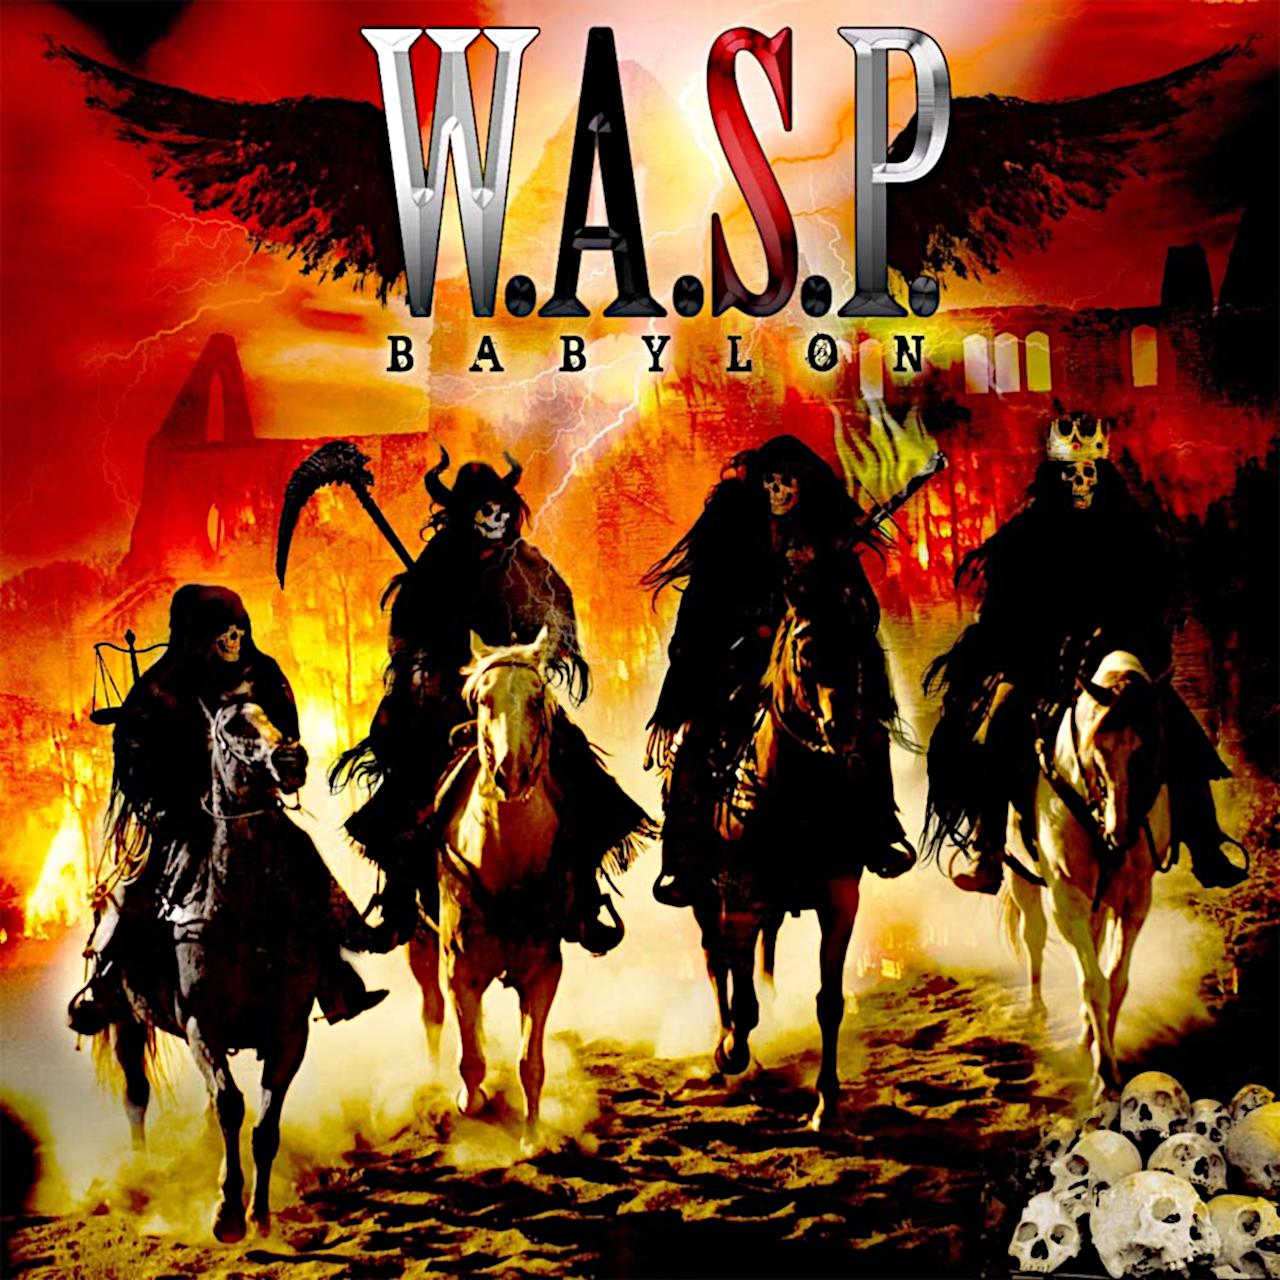 W.A.S.P. Babylon Album